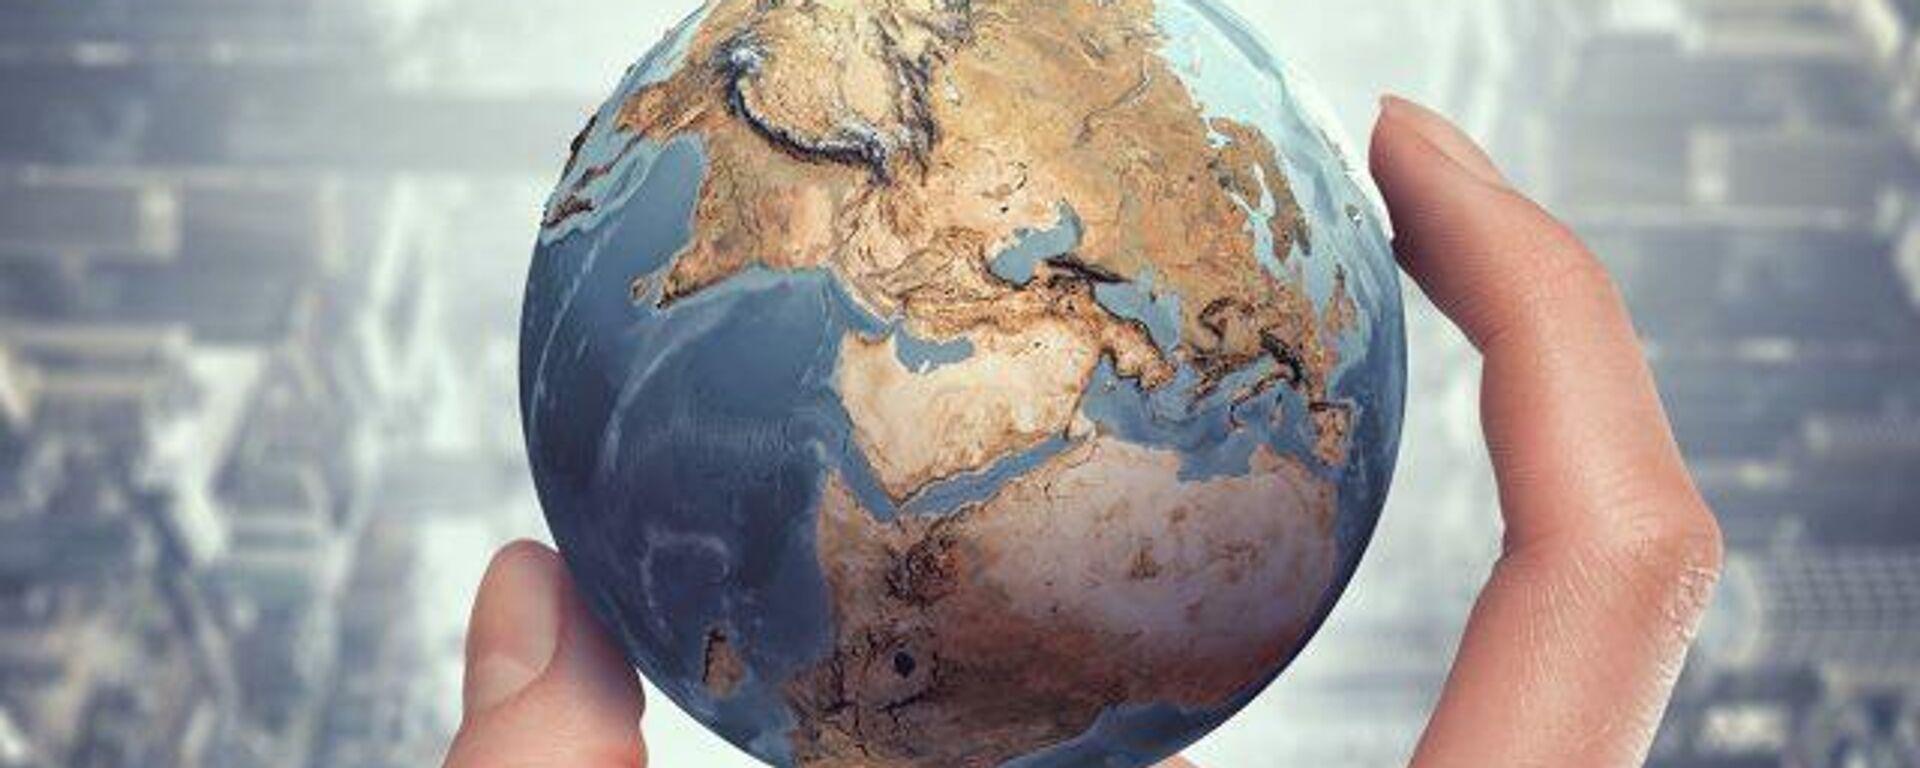 11-S en Chile: Las violaciones a derechos humanos en este Gobierno son herencia de la dictadura - Sputnik Mundo, 1920, 10.09.2021